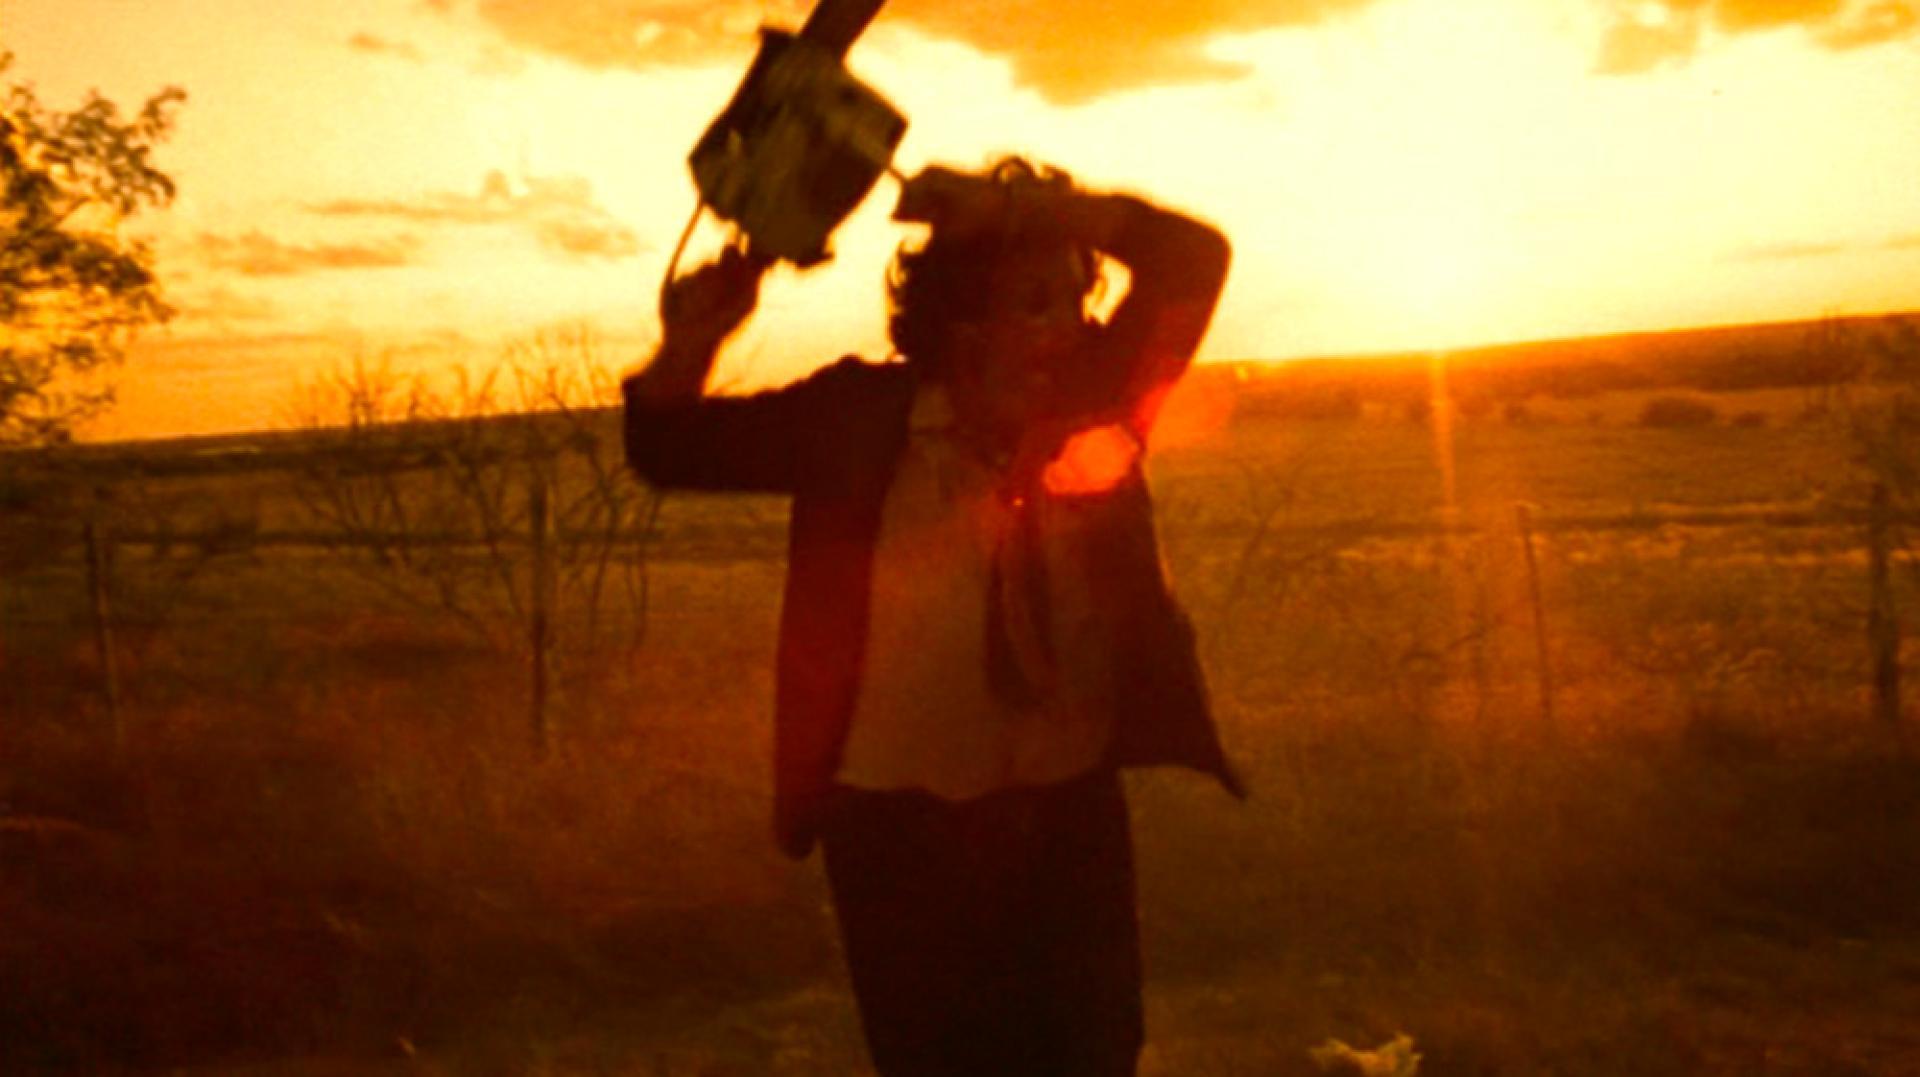 The Texas Chainsaw Massacre - A texasi láncfűrészes mészárlás (1974) 1. kép